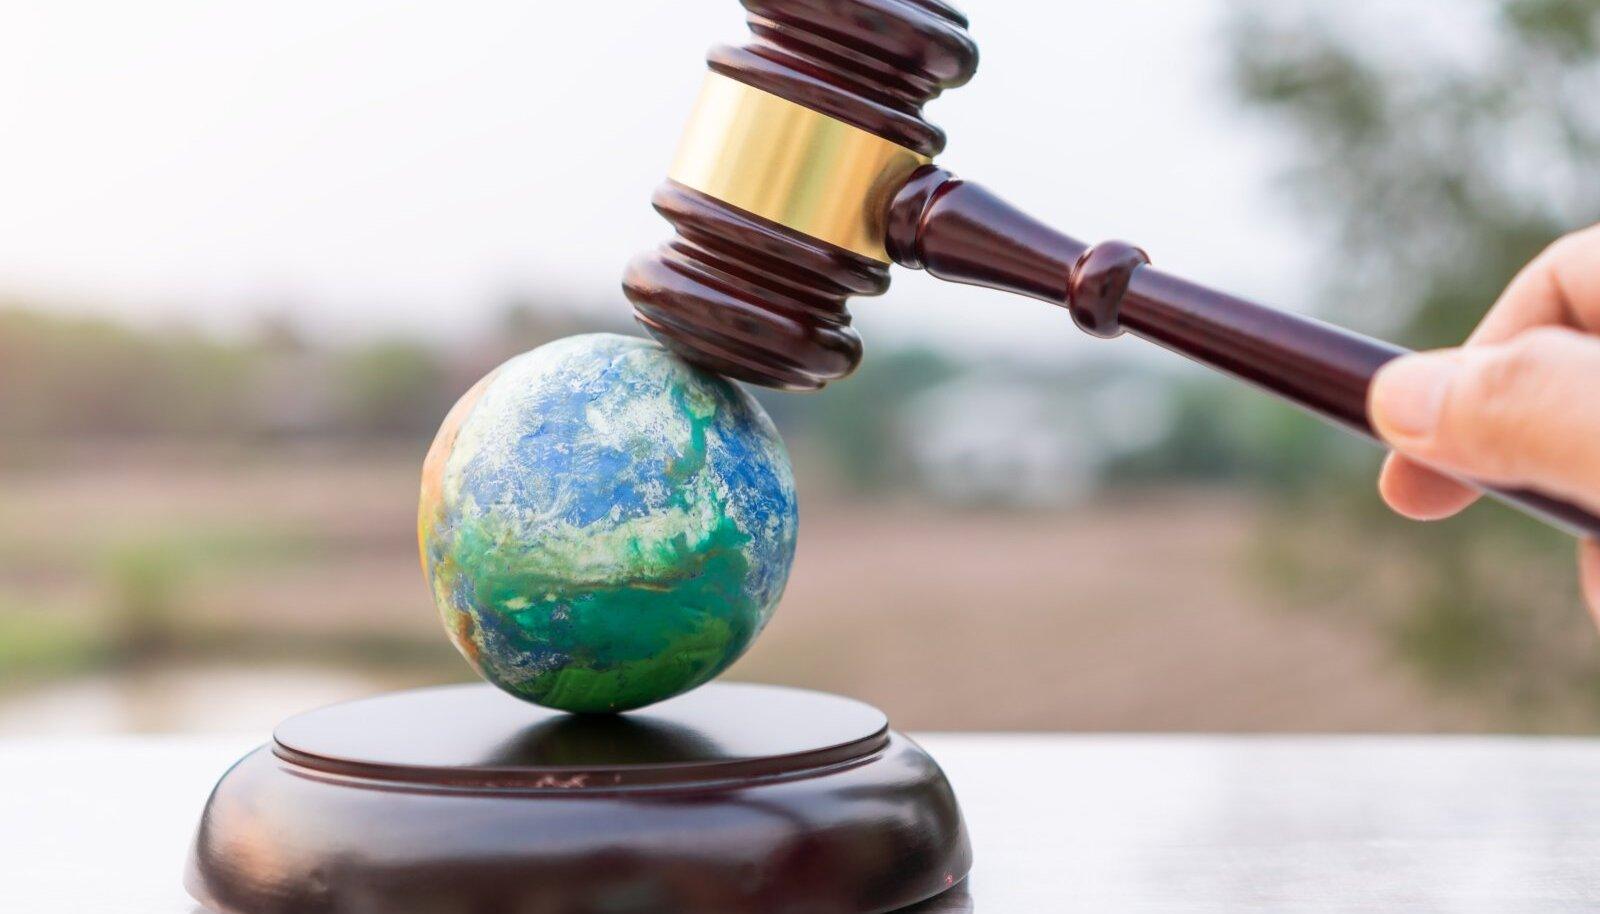 Praegu pöörduvad inimesed üle maailma kohtusse, et kaitsta oma õigust puhtale keskkonnale.